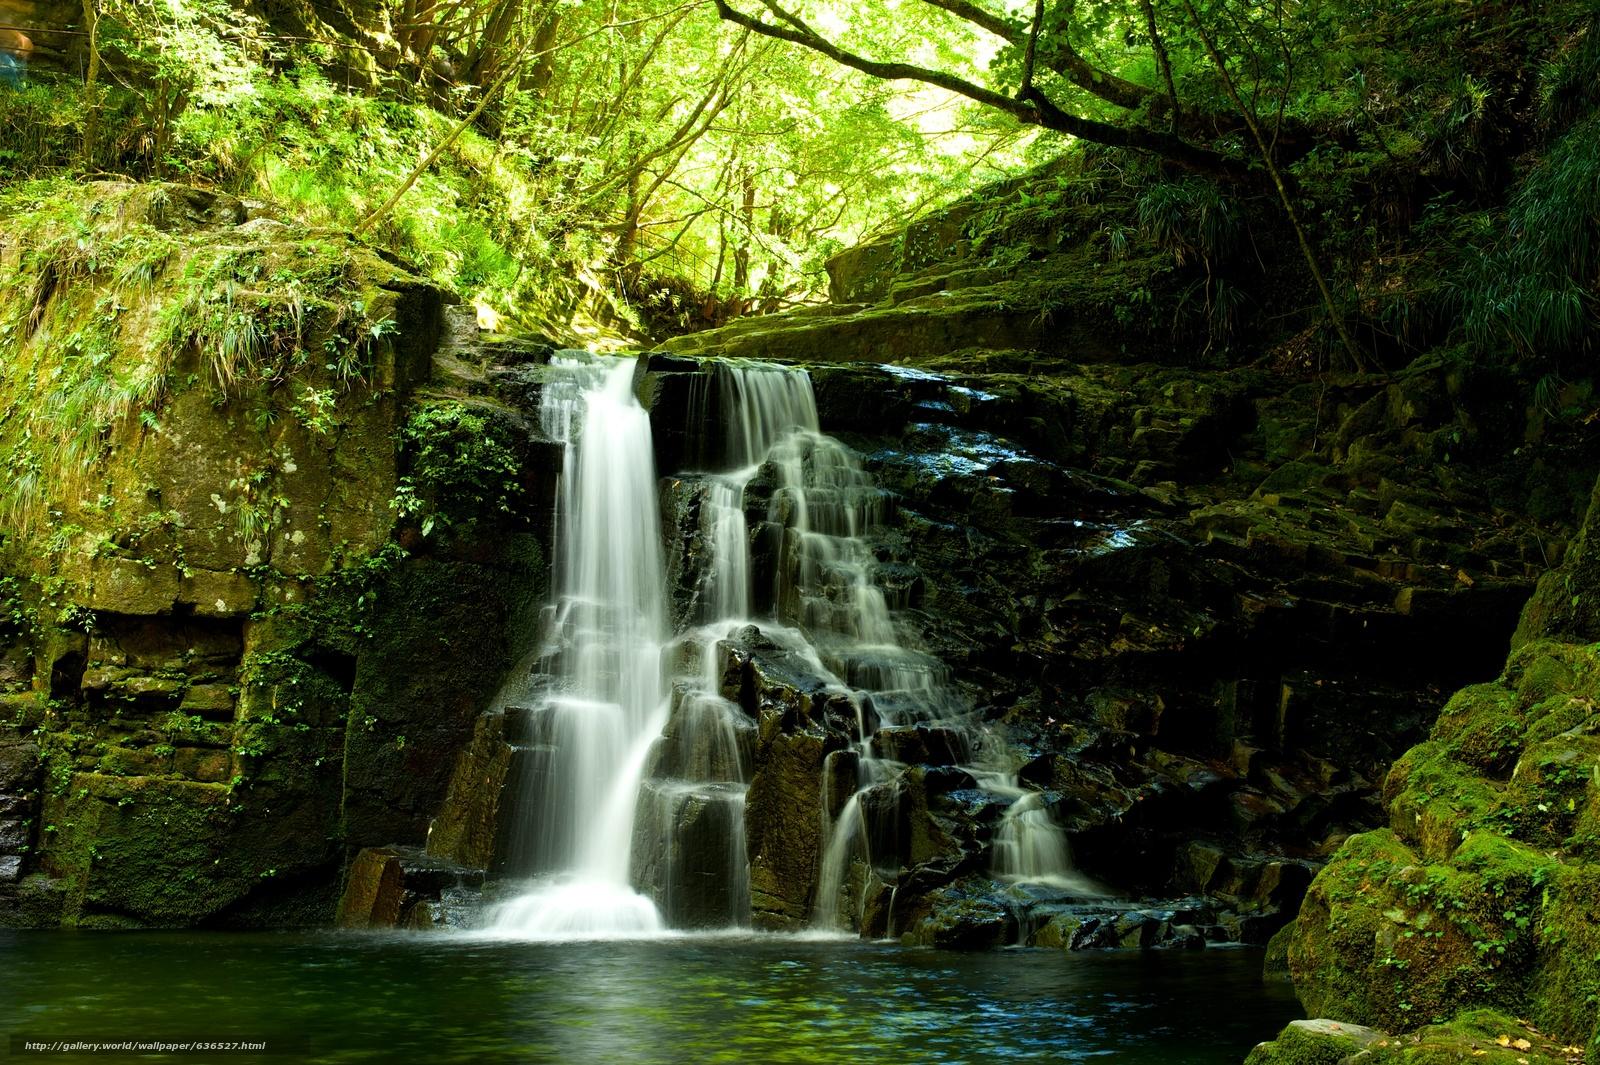 下载壁纸 森林,  树,  岩石,  瀑布 免费为您的桌面分辨率的壁纸 4256x2832 — 图片 №636527